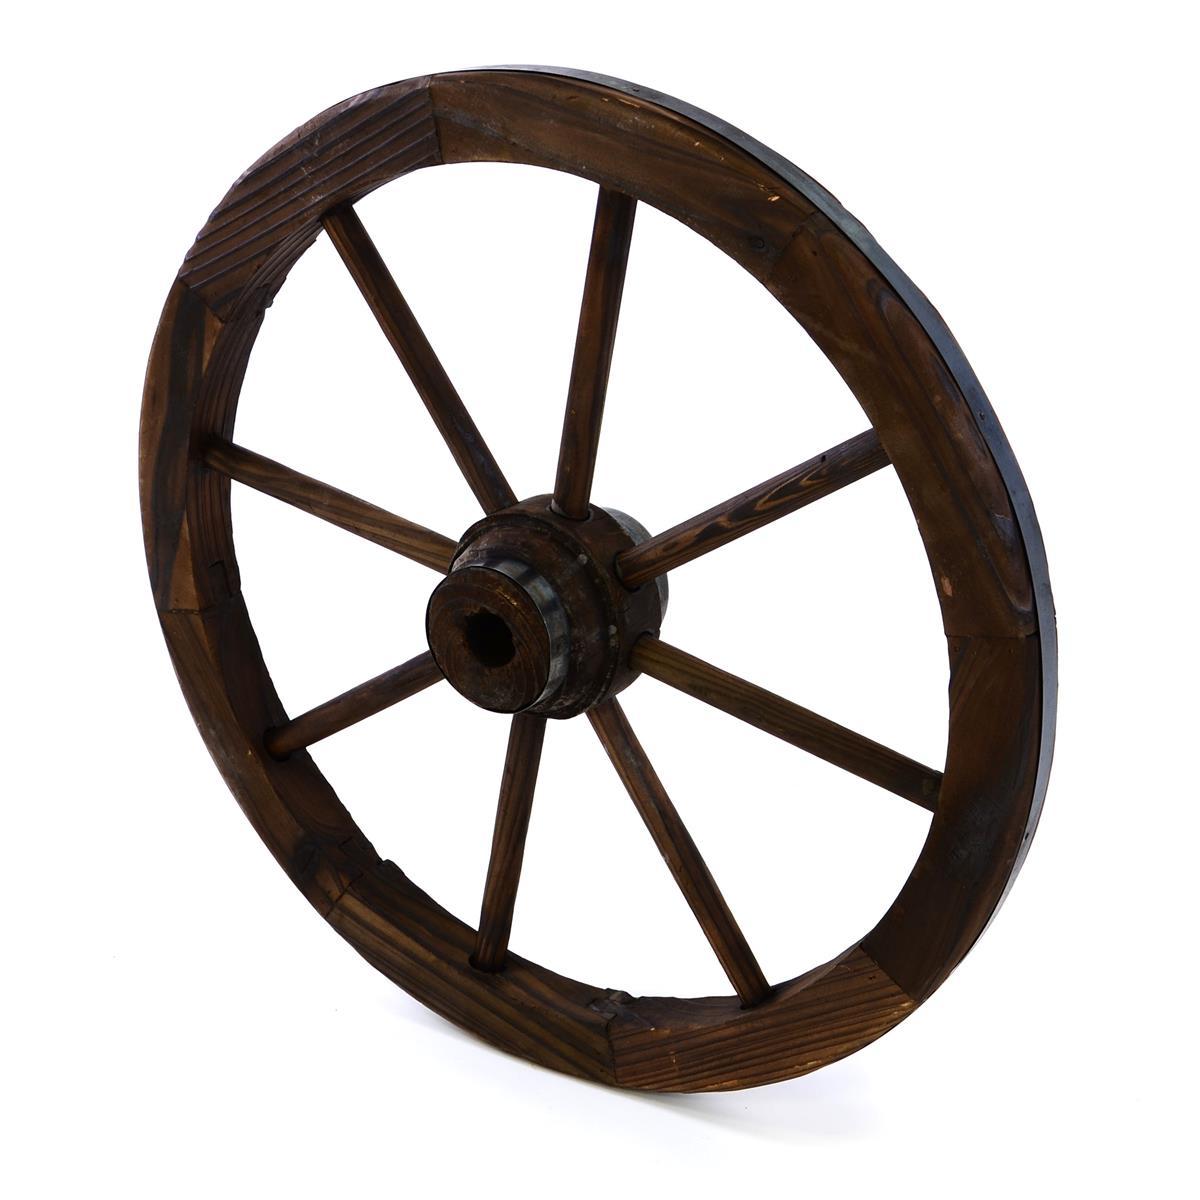 Holzrad Wagenrad 50 cm Farbe braun Dekorad Speichenrad Gartendeko Ladendeko